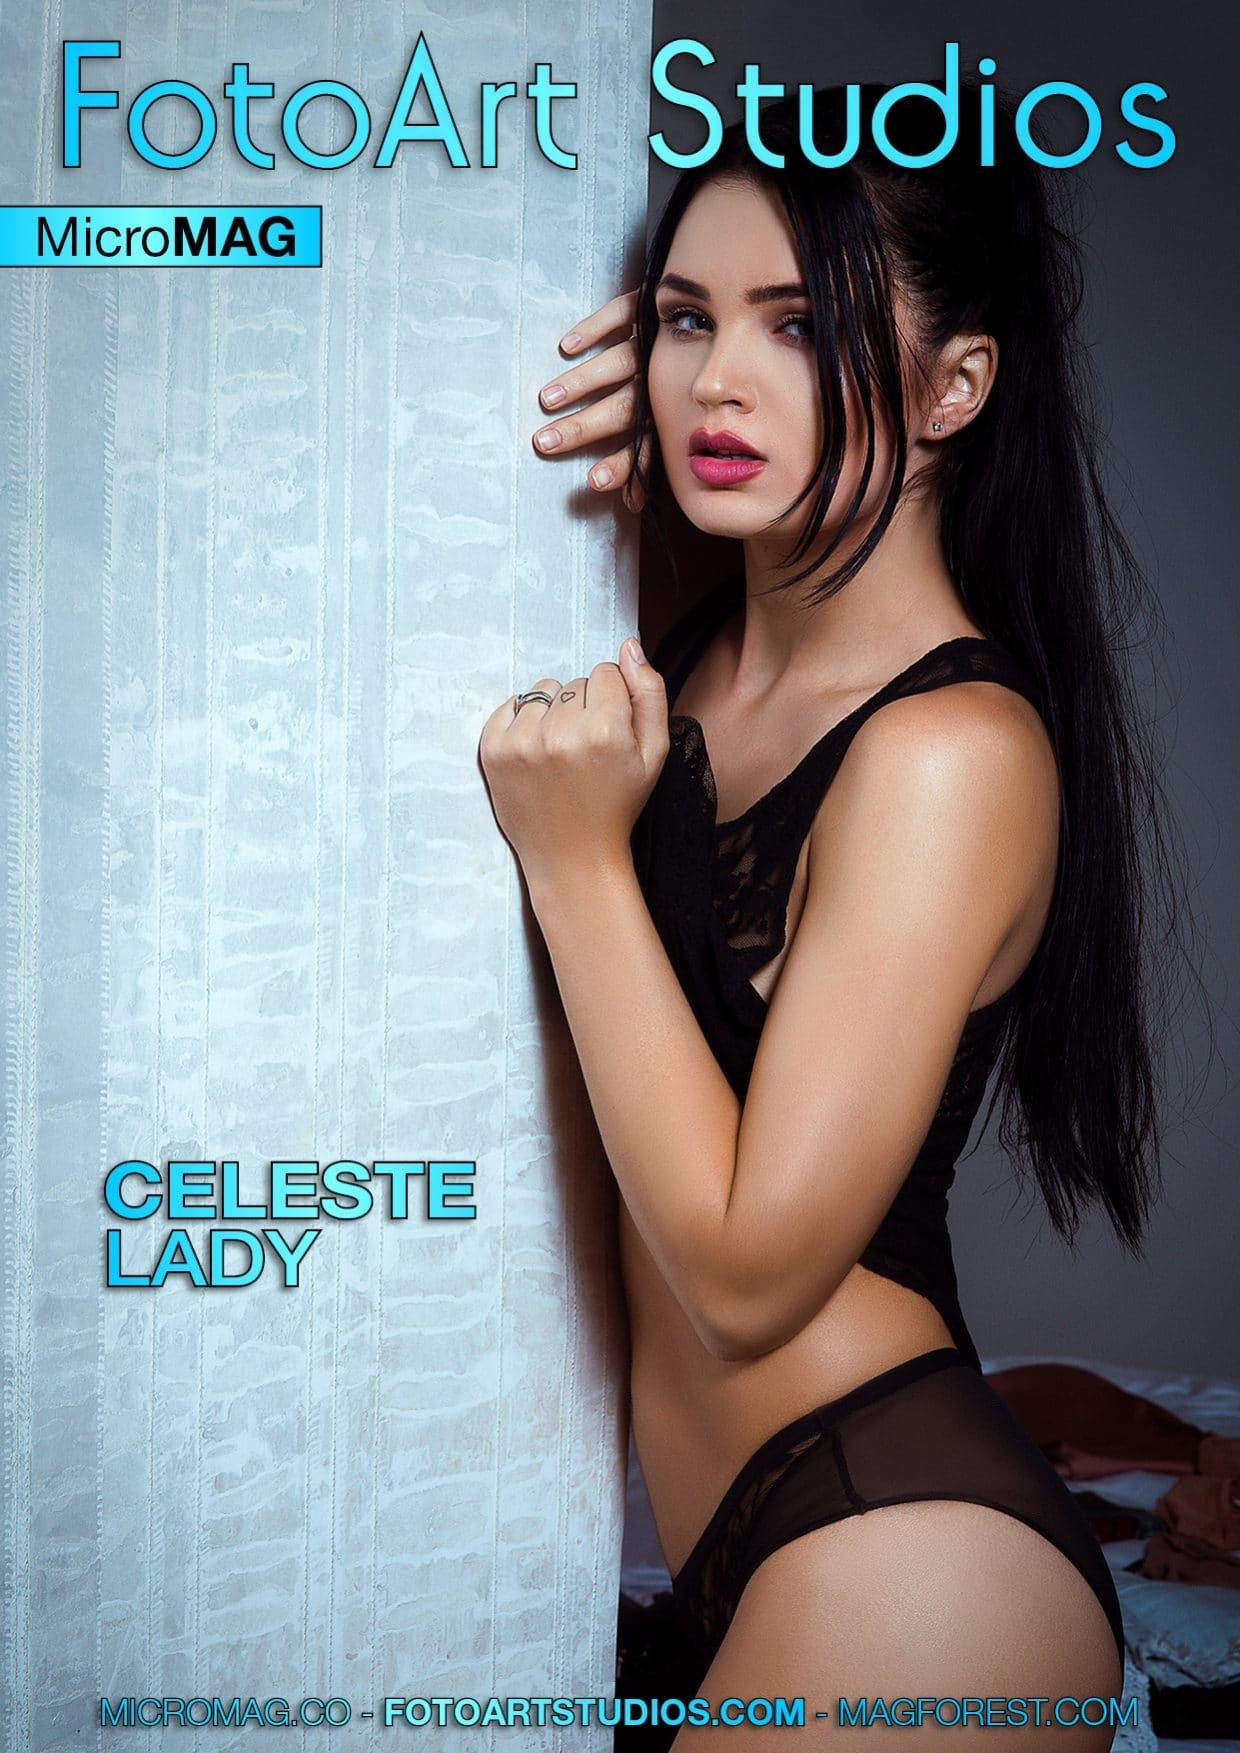 FotoArt Studios MicroMAG – Celeste Lady